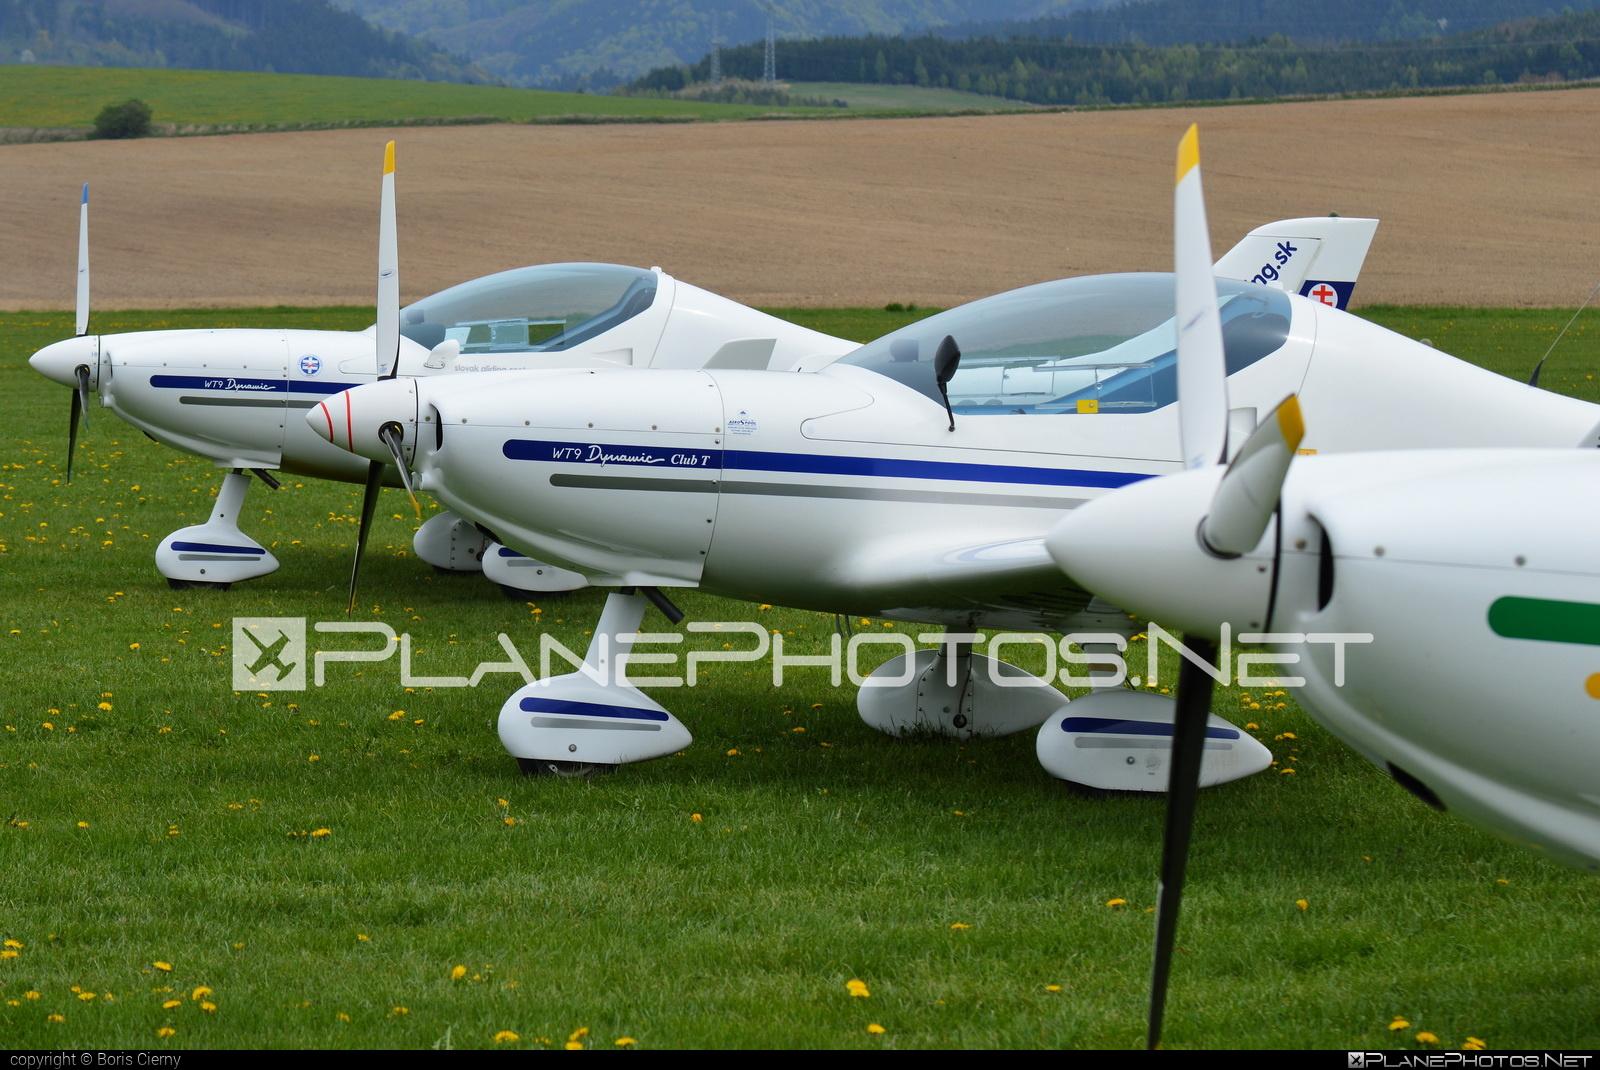 Aerospool WT9 Dynamic Club T - OM-LUB operated by TATRAMARKET POPRAD #aerospool #wt9 #wt9dynamic #wt9dynamicclub